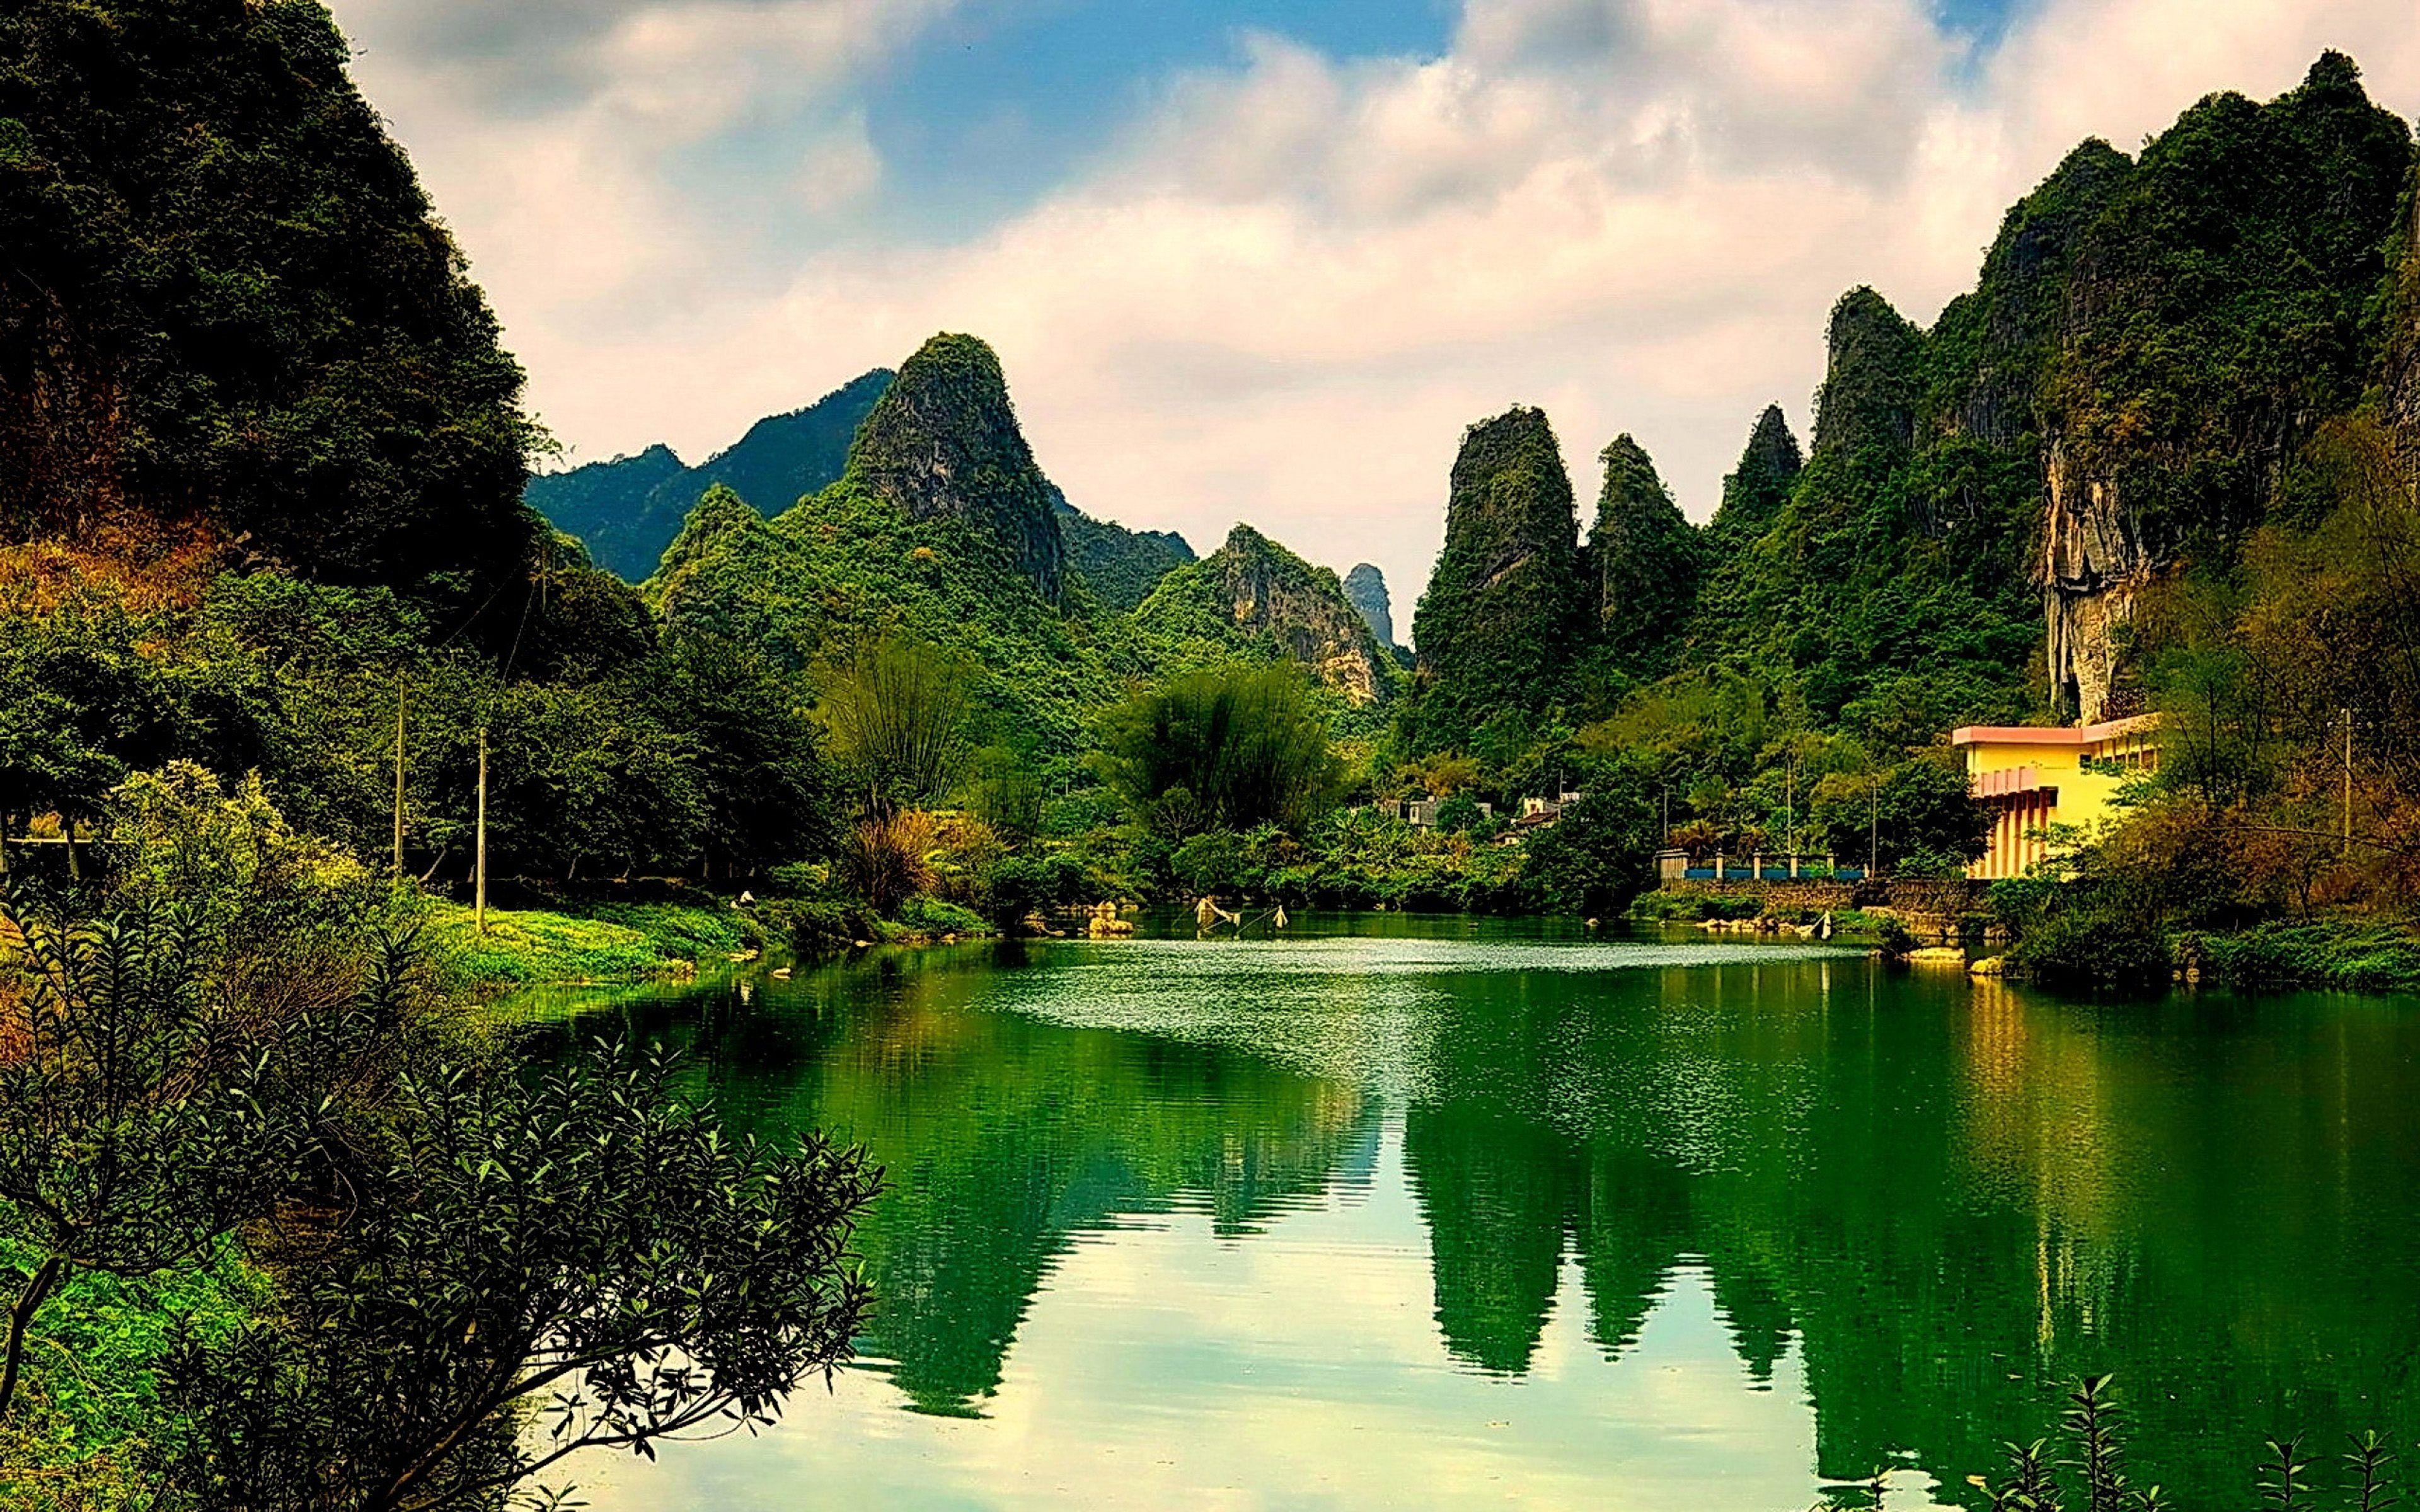 Green Lake Wallpapers Top Free Green Lake Backgrounds Wallpaperaccess Wallpaper green lake boat mountain fog